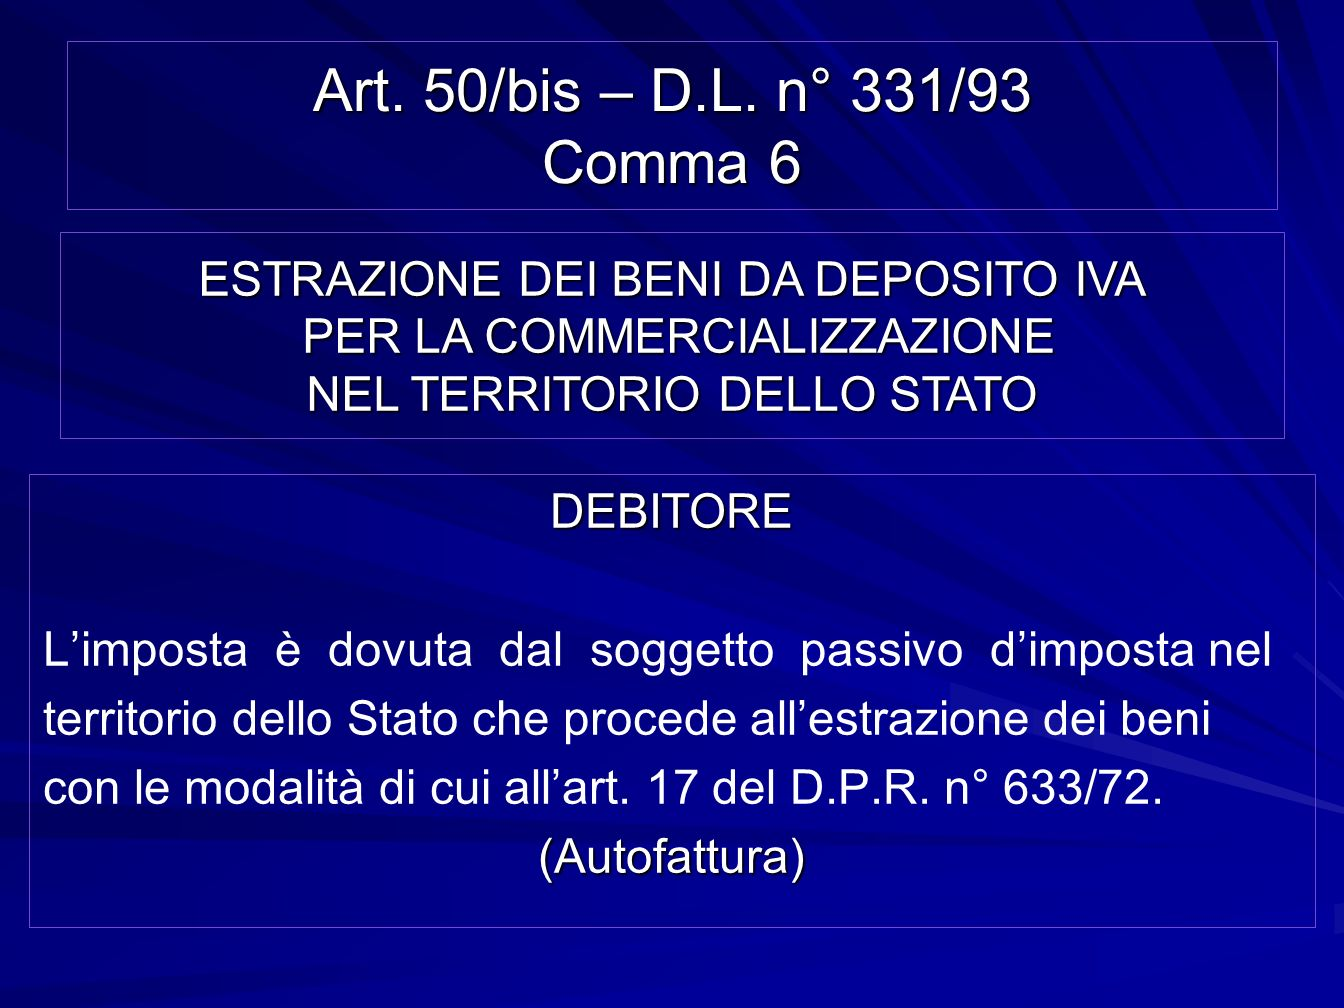 Art. 50/bis – D.L. n° 331/93 Comma 6 ESTRAZIONE DEI BENI DA DEPOSITO IVA PER LA COMMERCIALIZZAZIONE NEL TERRITORIO DELLO STATO.